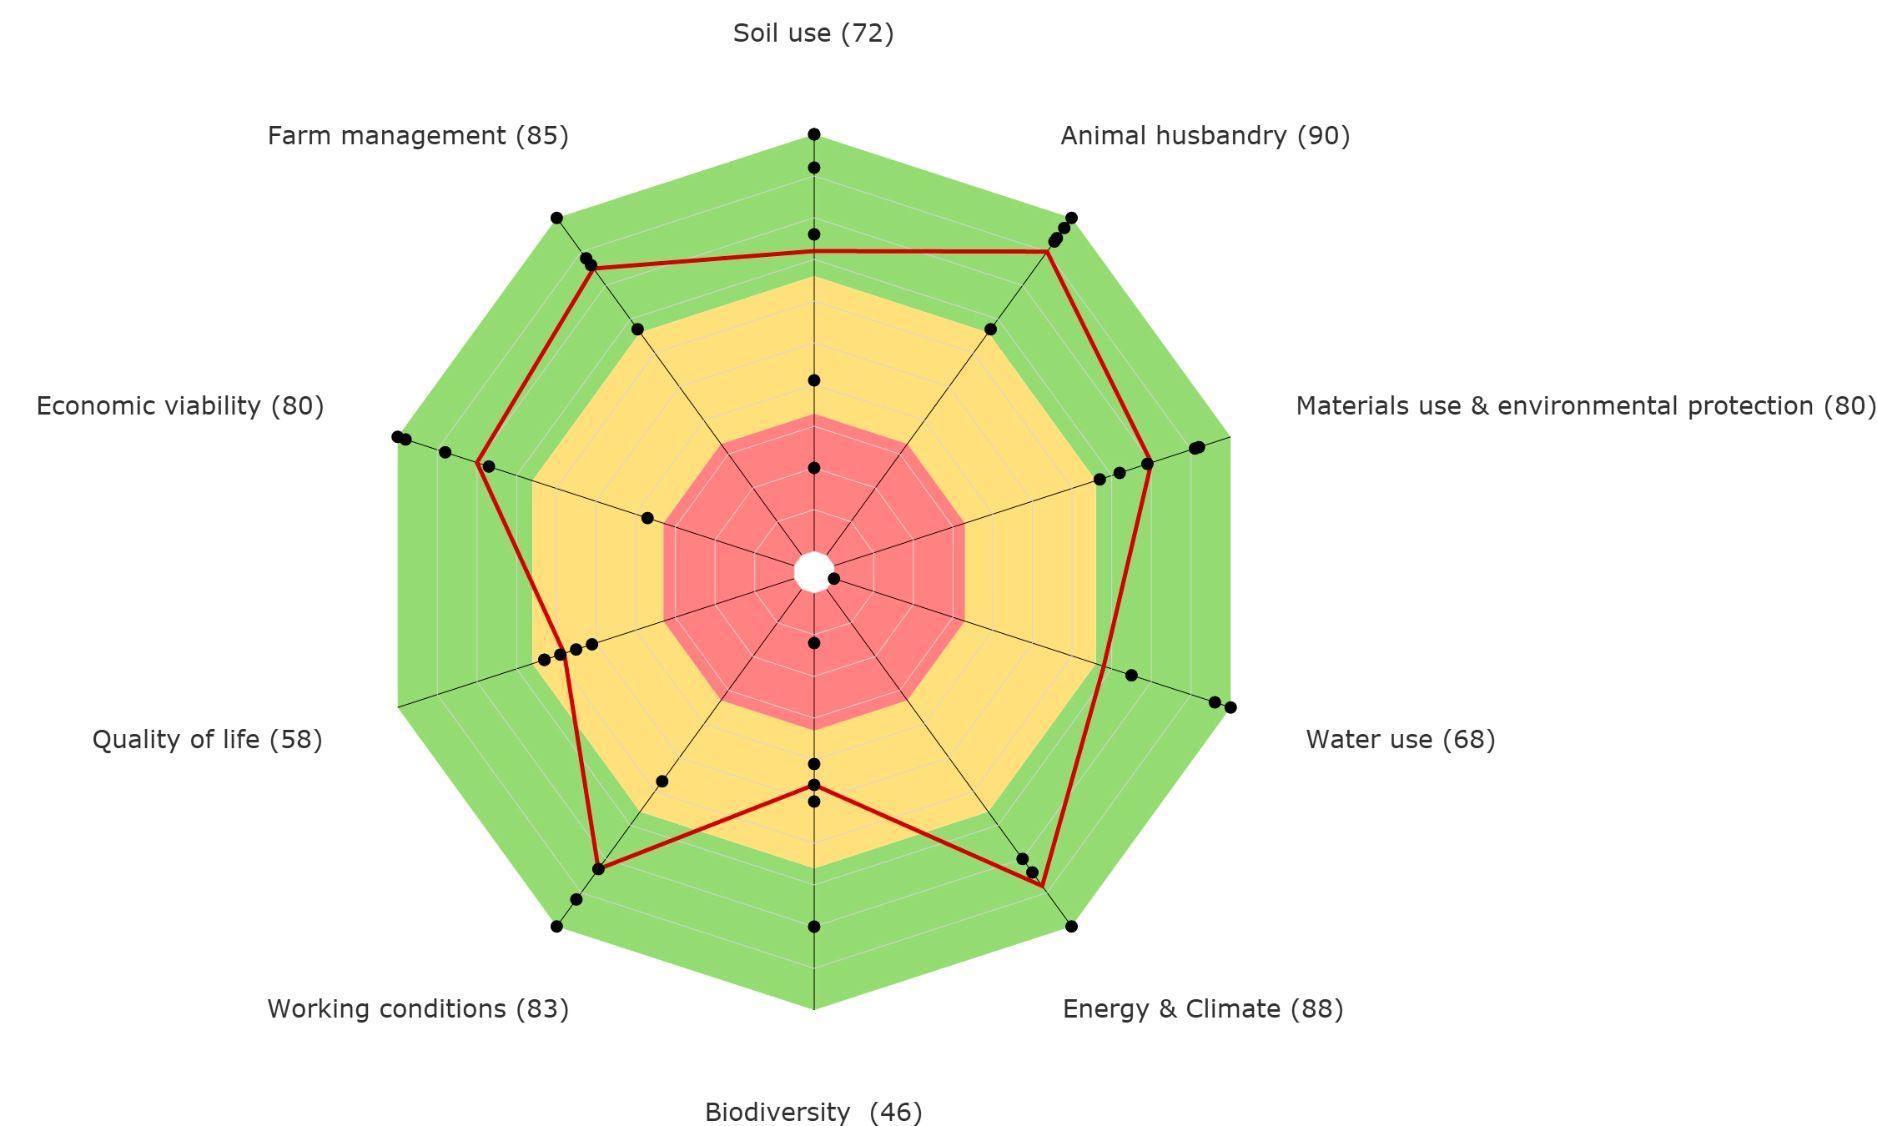 RISE- Response-inducing sustainability evaluation